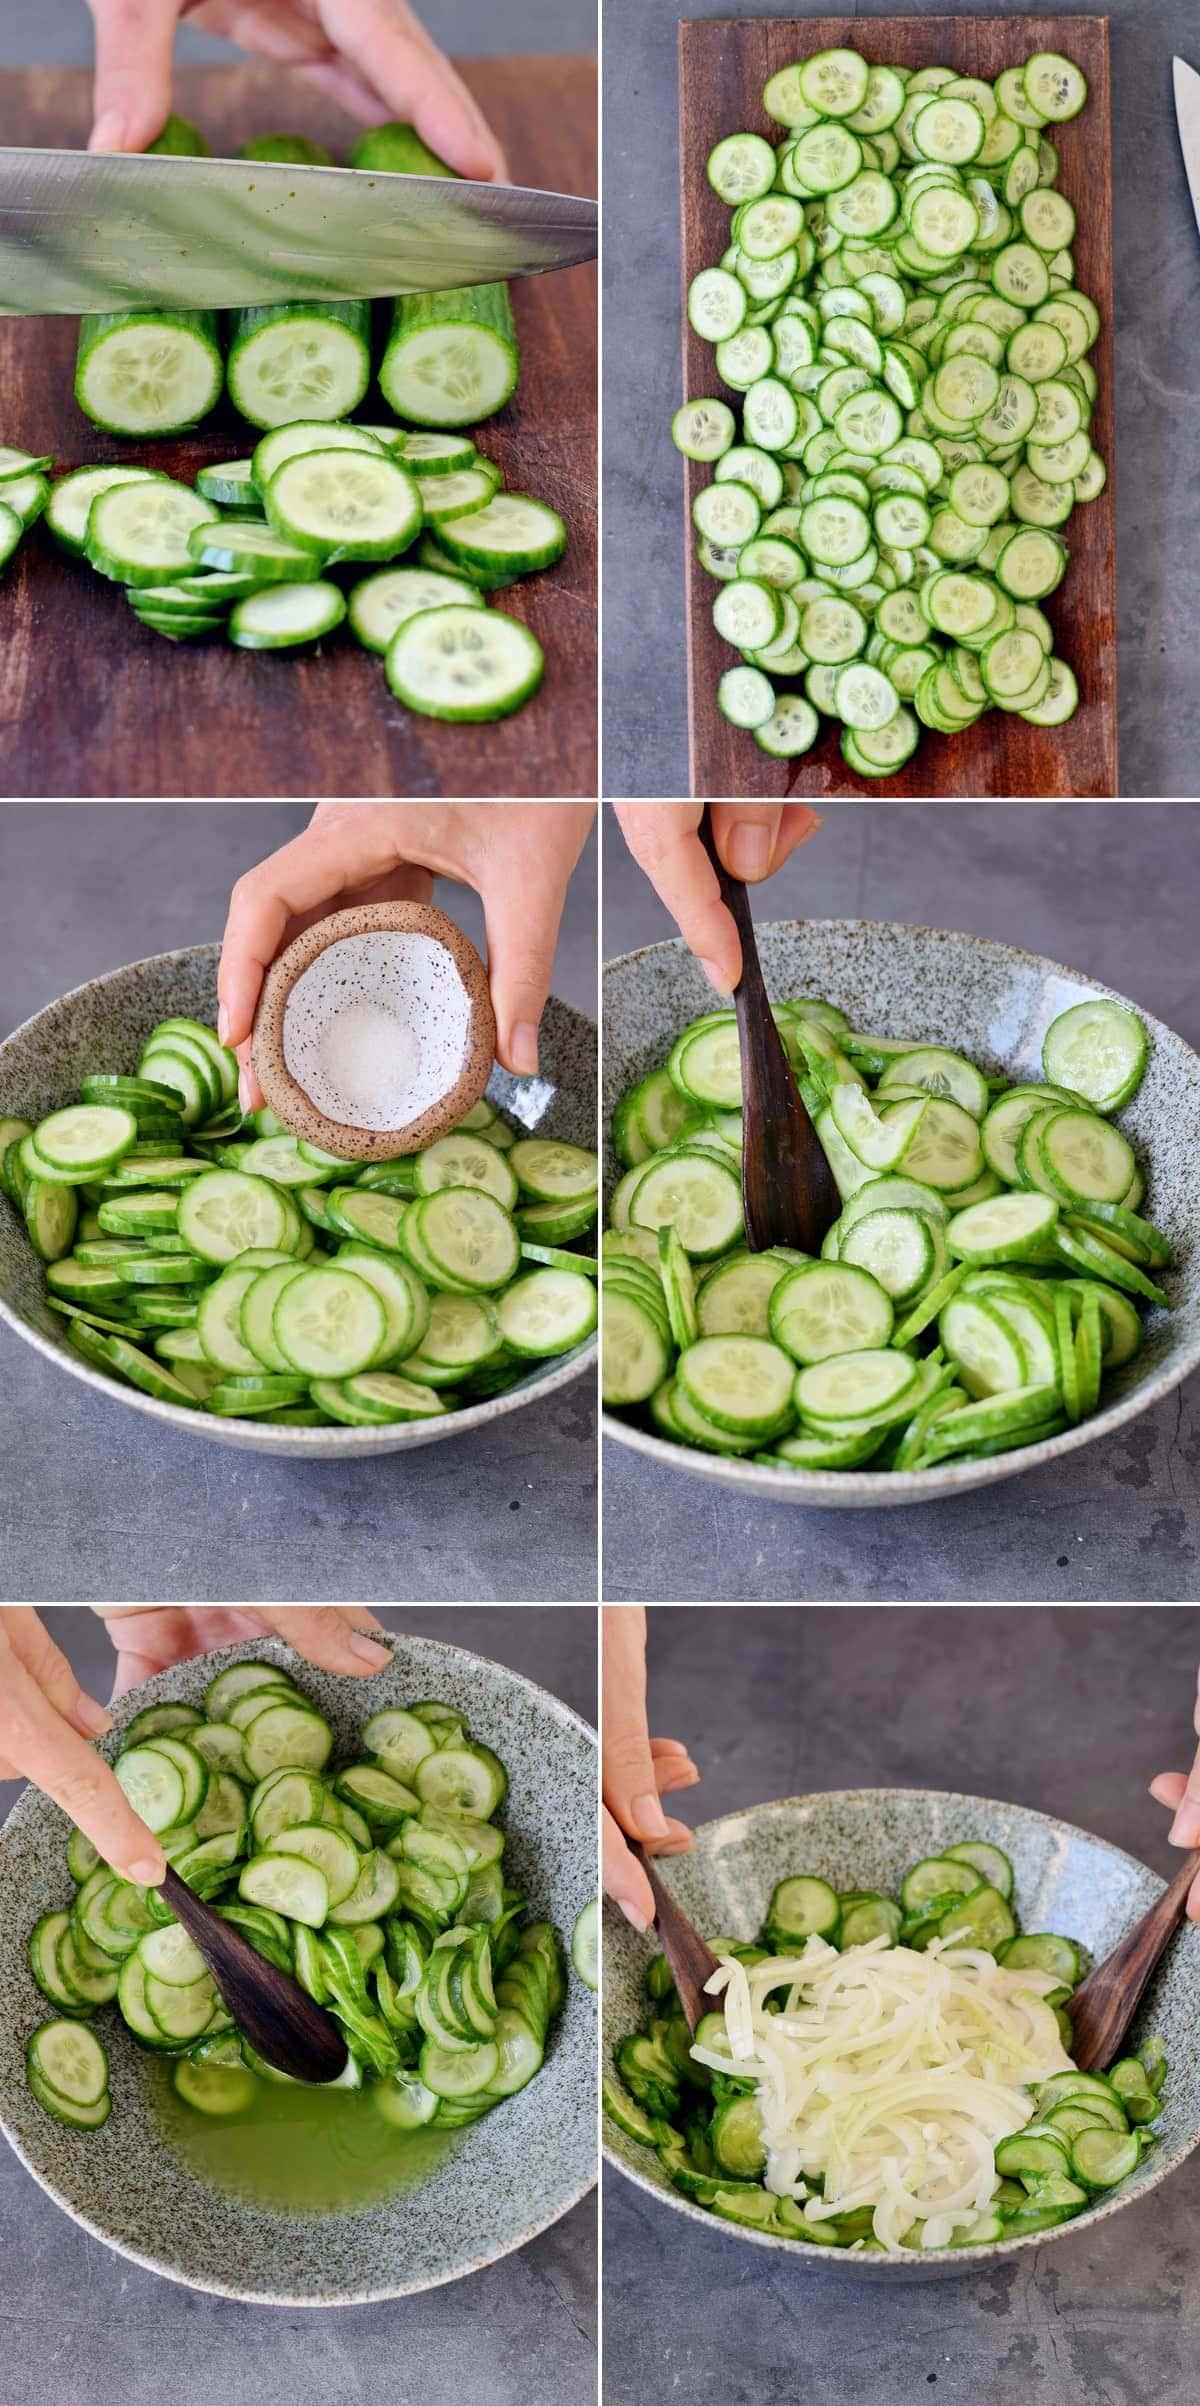 6 Zwischenschrittfotos von der Zubereitung eines Salats aus Gurken